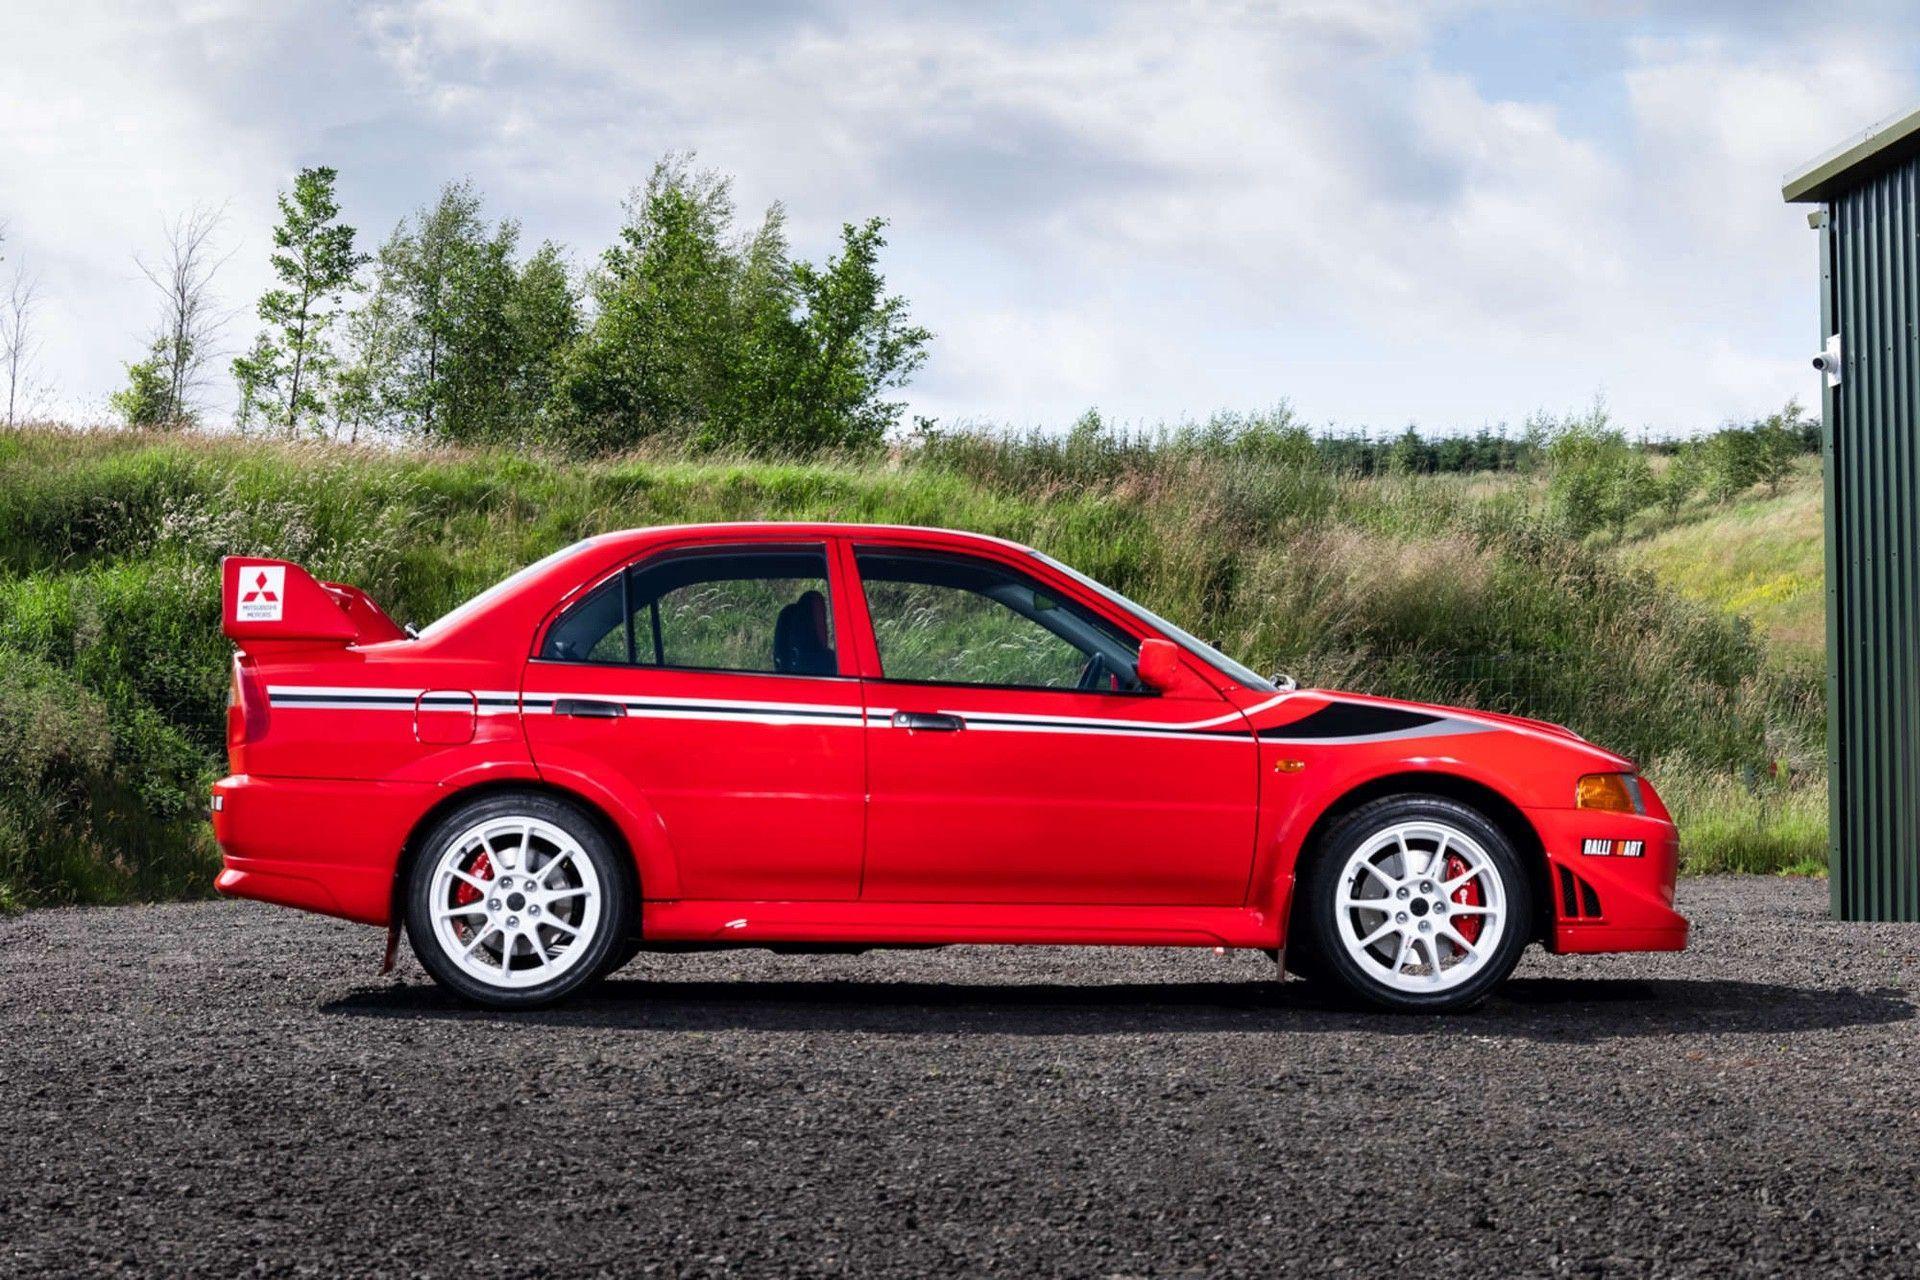 2000_Mitsubishi_Lancer_Evolution_VI_Tommi_Makinen_Edition_sale-0035